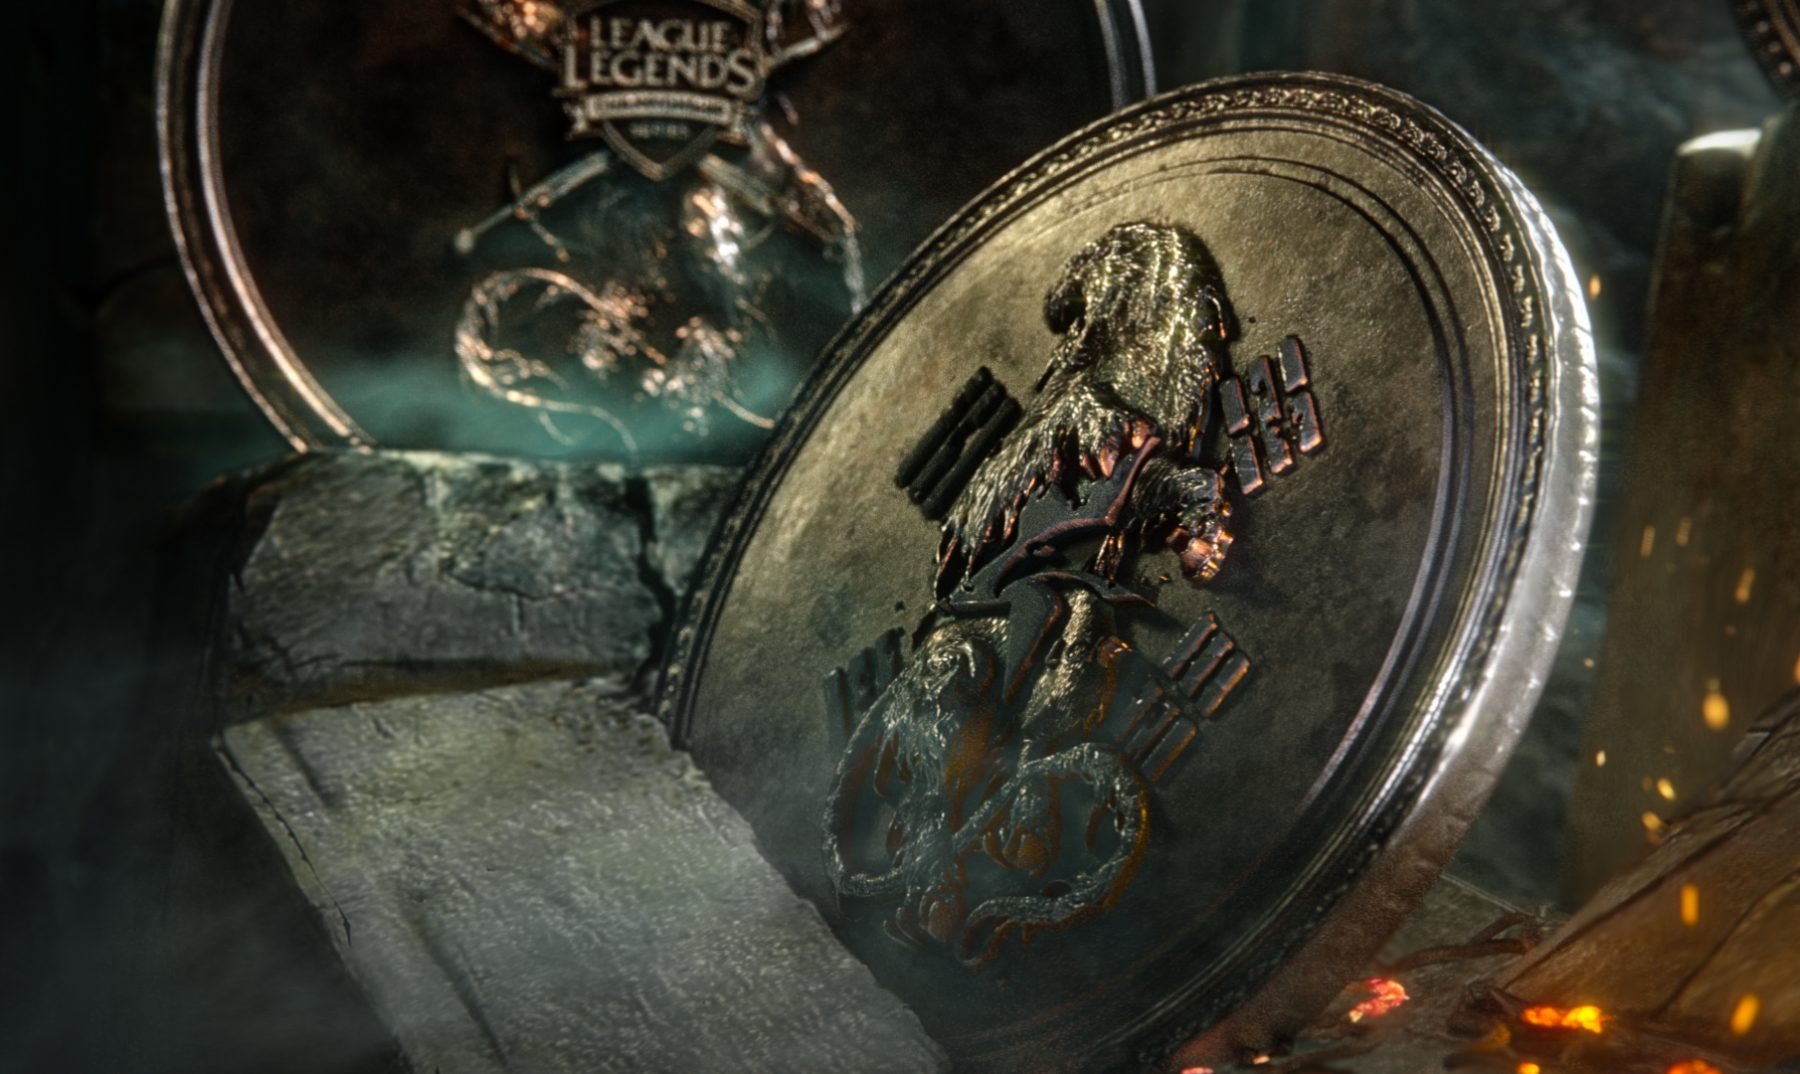 League of Legends Mid-Season Invitational 2018 Platige Image